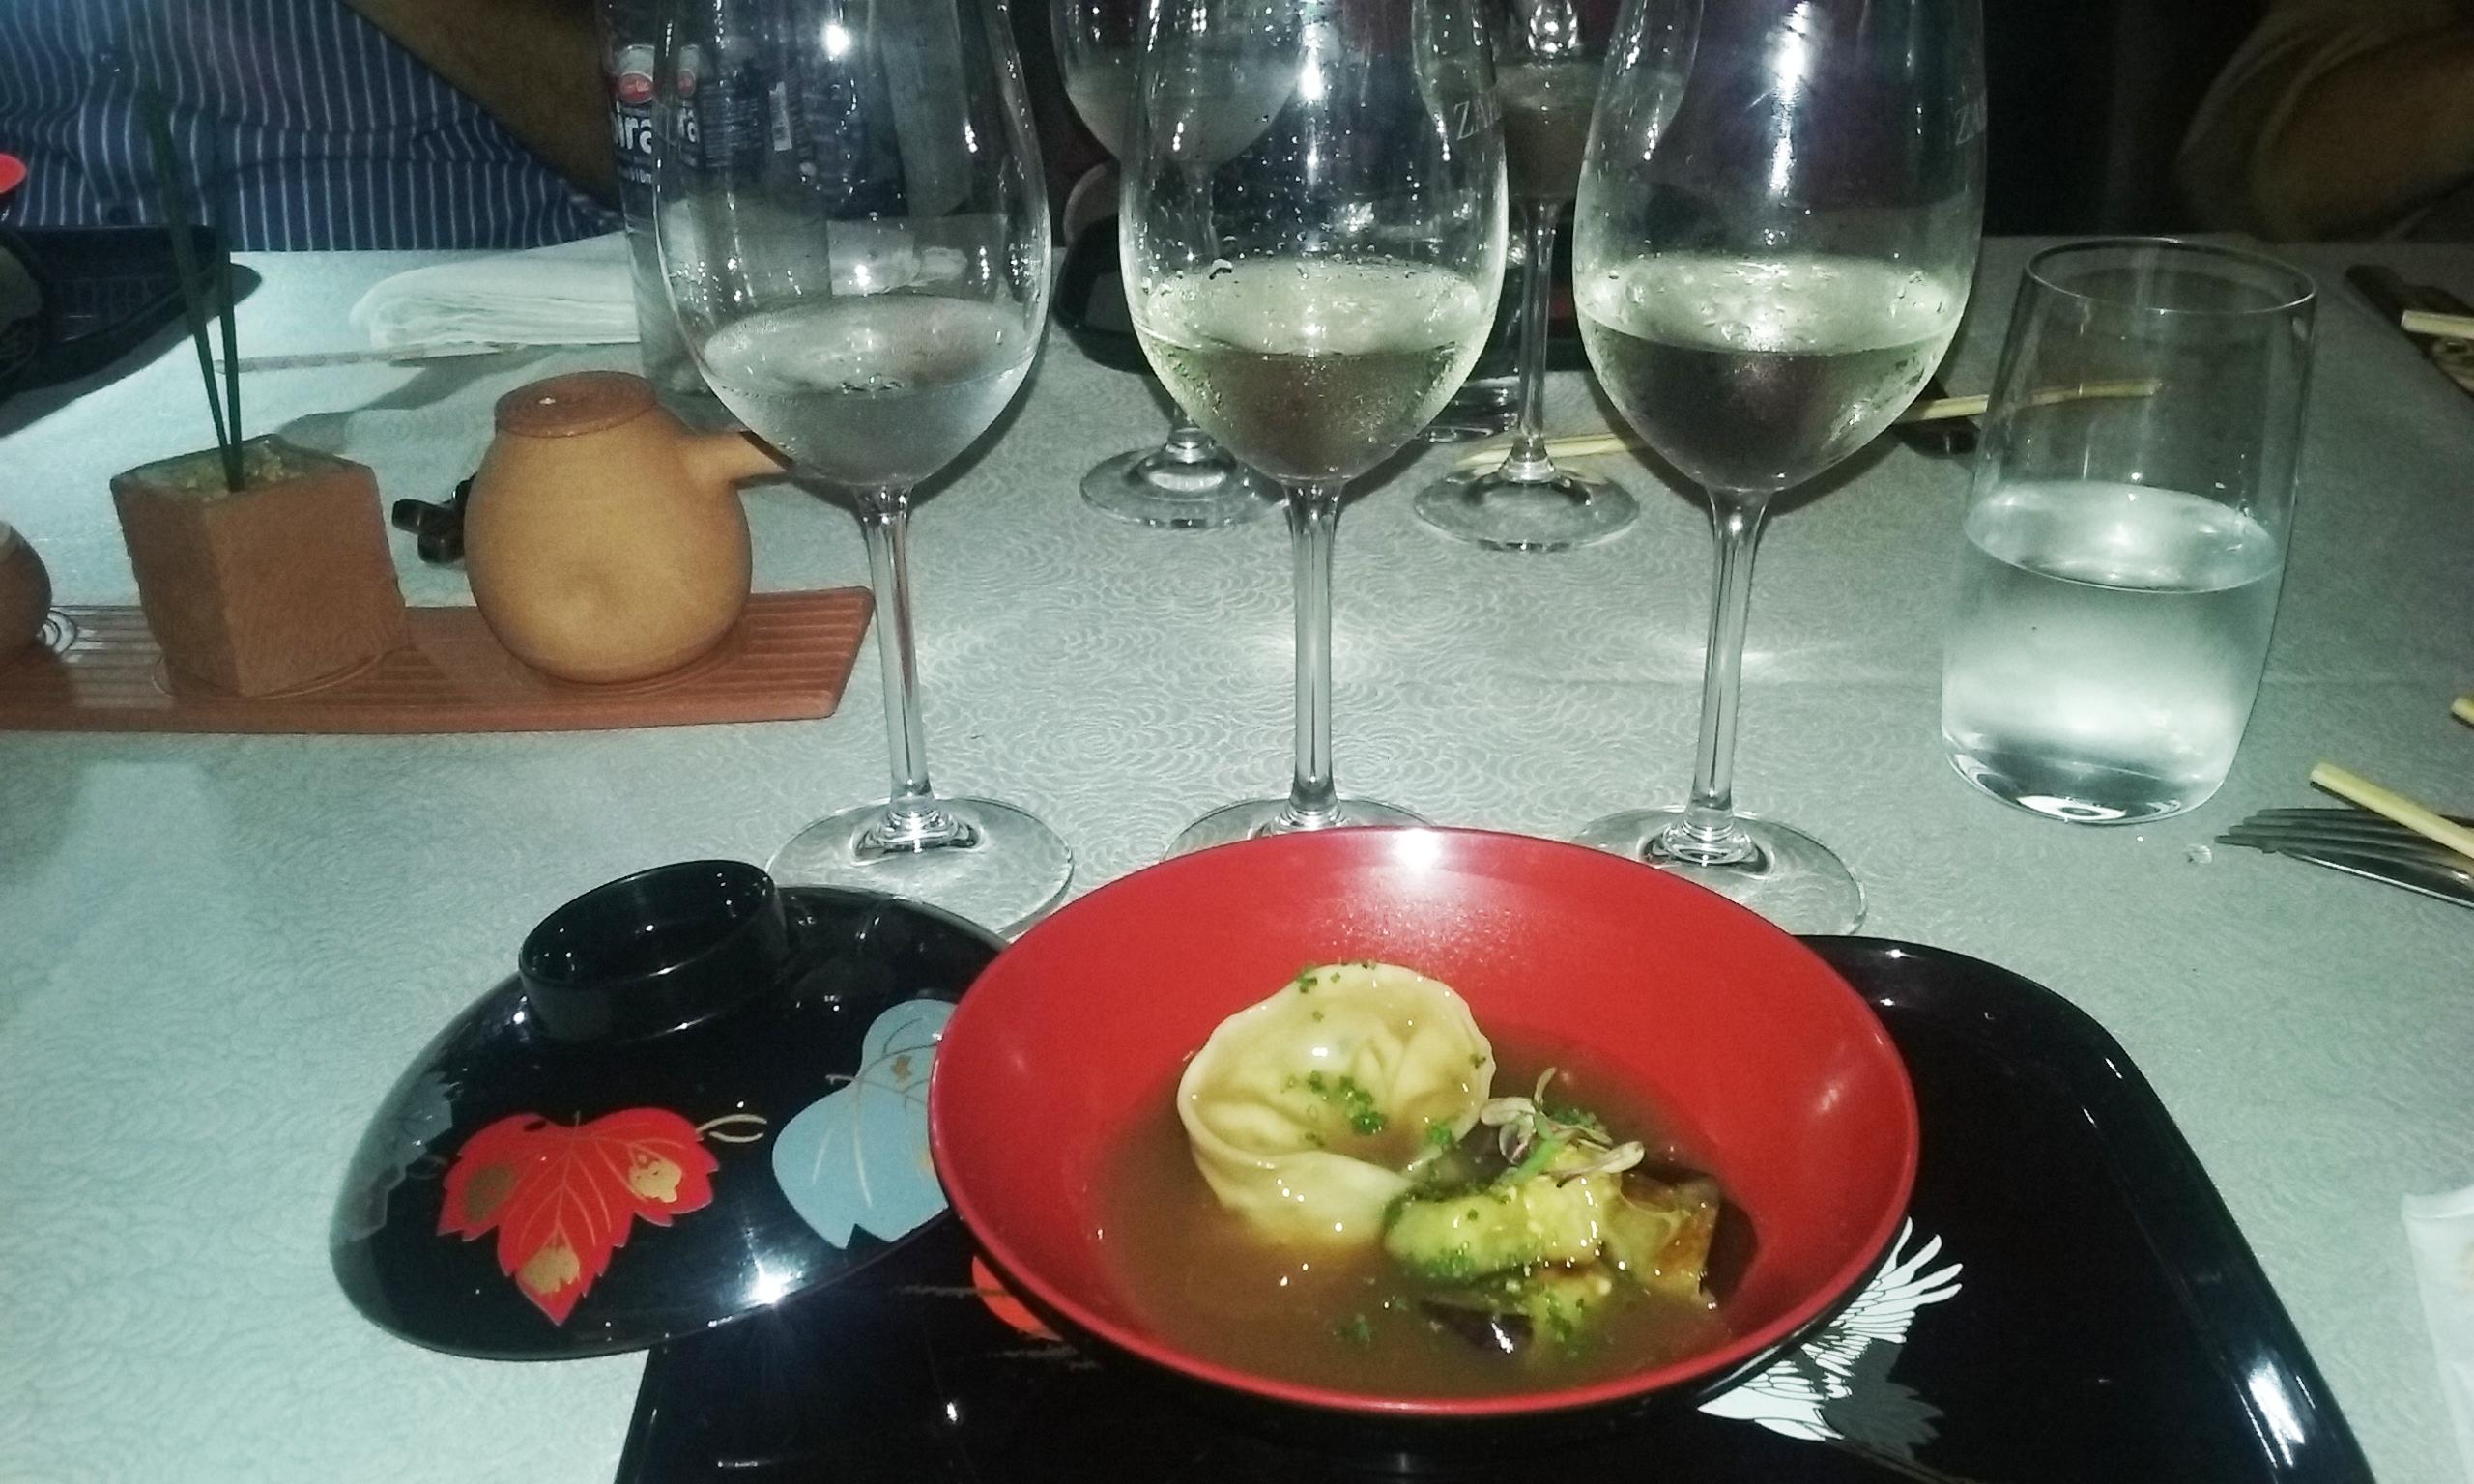 Gyu Wantan-massa de guioza com carne angus-repolho-alhos poro e nira servido com caldo de peixe e legumes